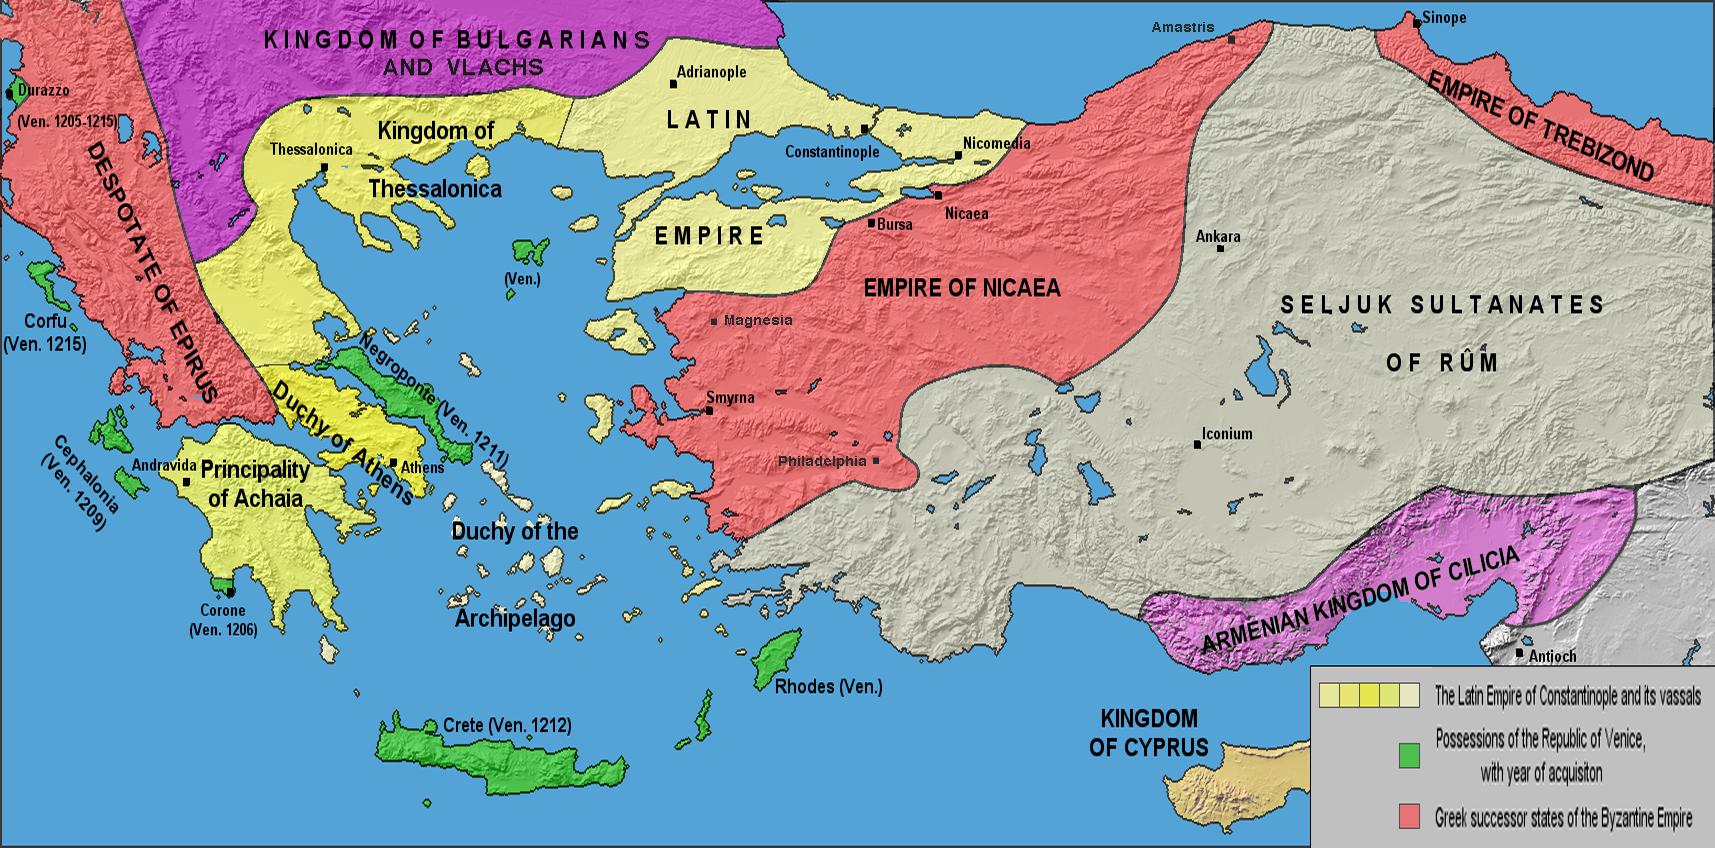 Границы Латинской и Византийской империй после Четвёртого крестового похода (1204) до Нимфейского мира (1214). Границы приблизительны.